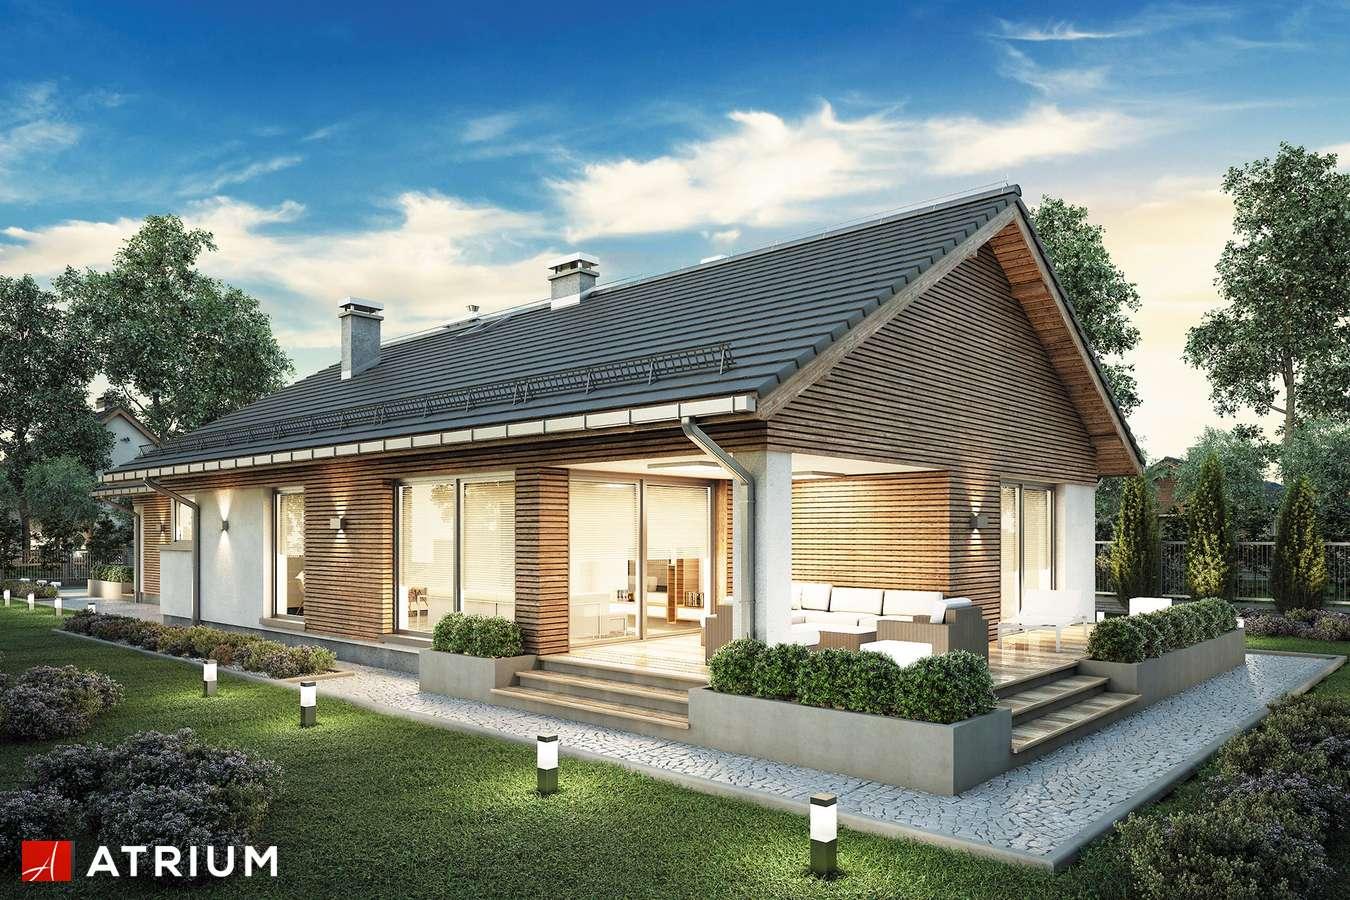 Projekty domów - Projekt domu parterowego PELIKAN SLIM VIII - wizualizacja 2 - wersja lustrzana